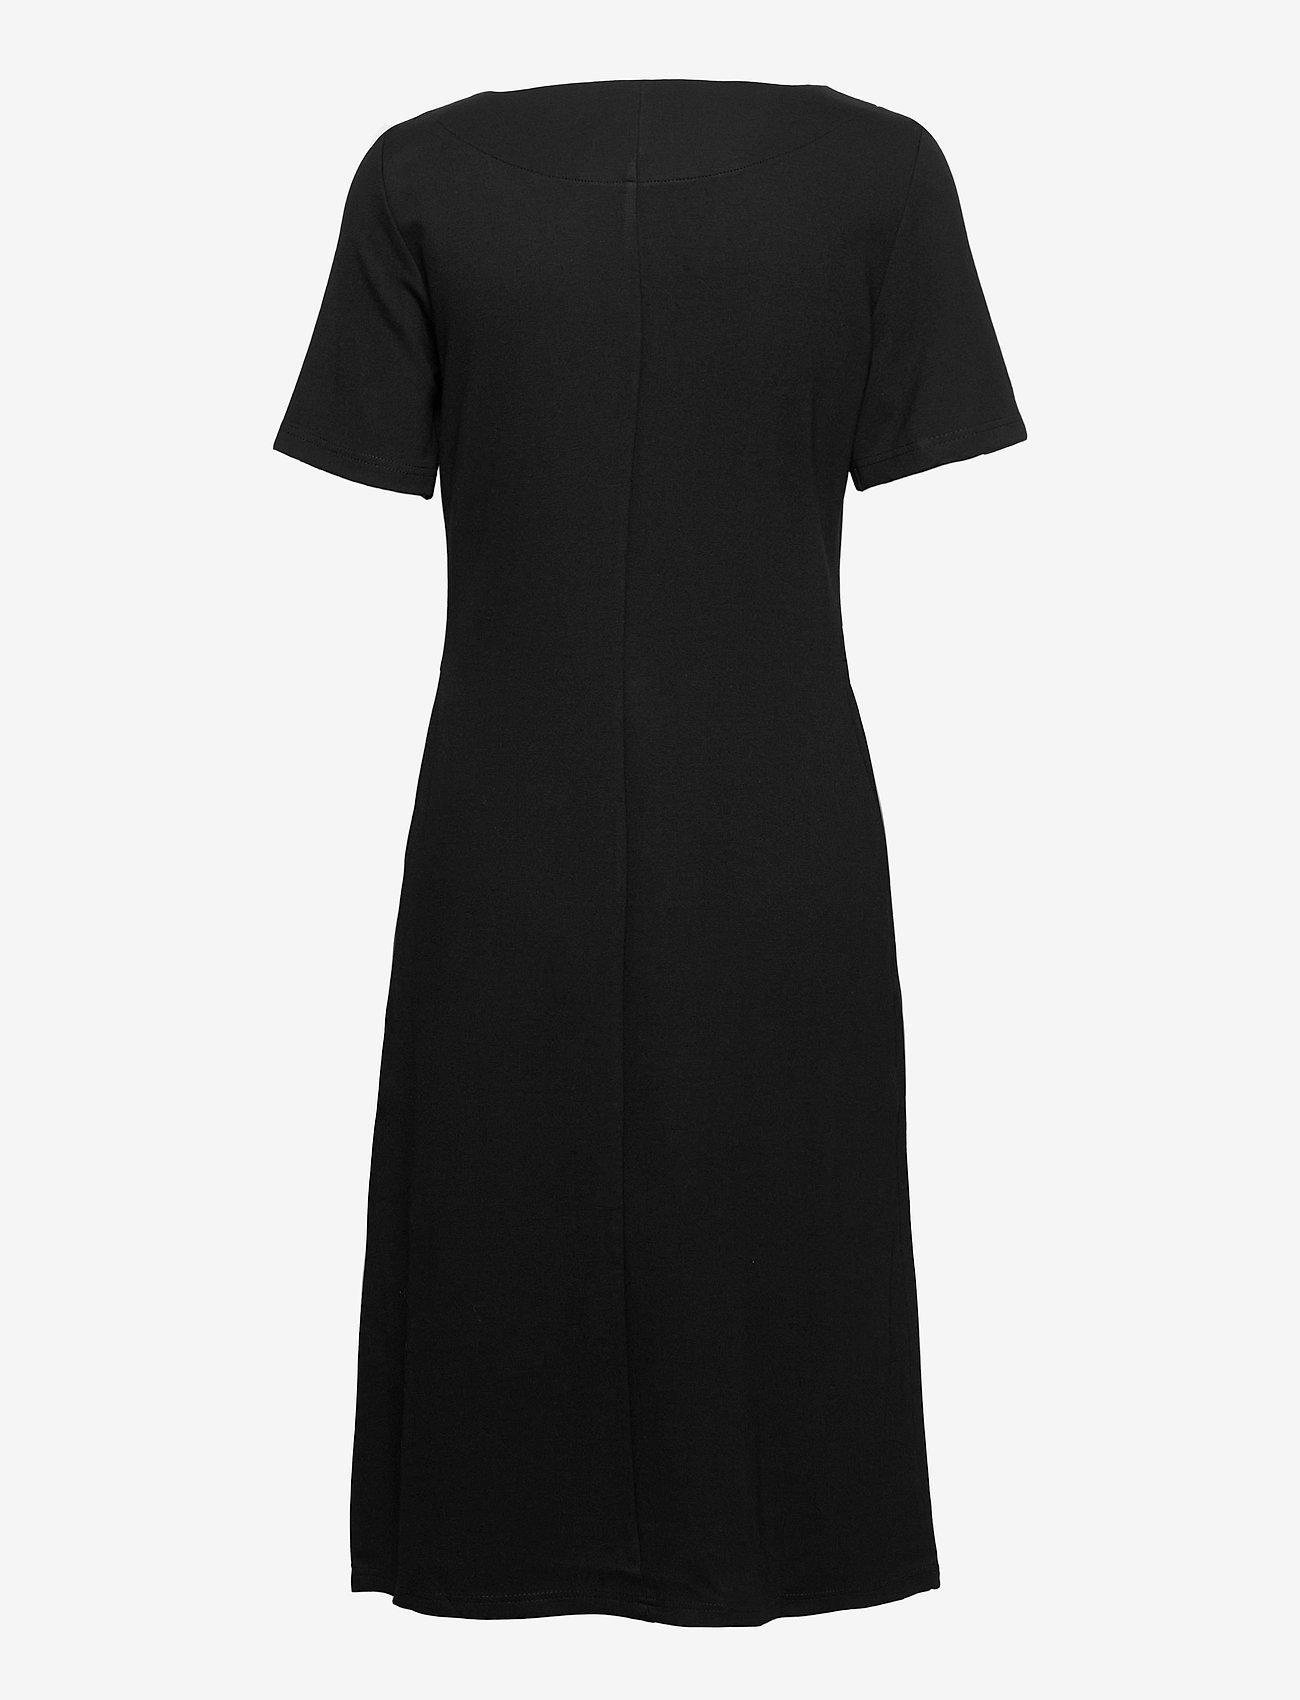 Nanso - Ladies dress, Minne - midimekot - black - 1